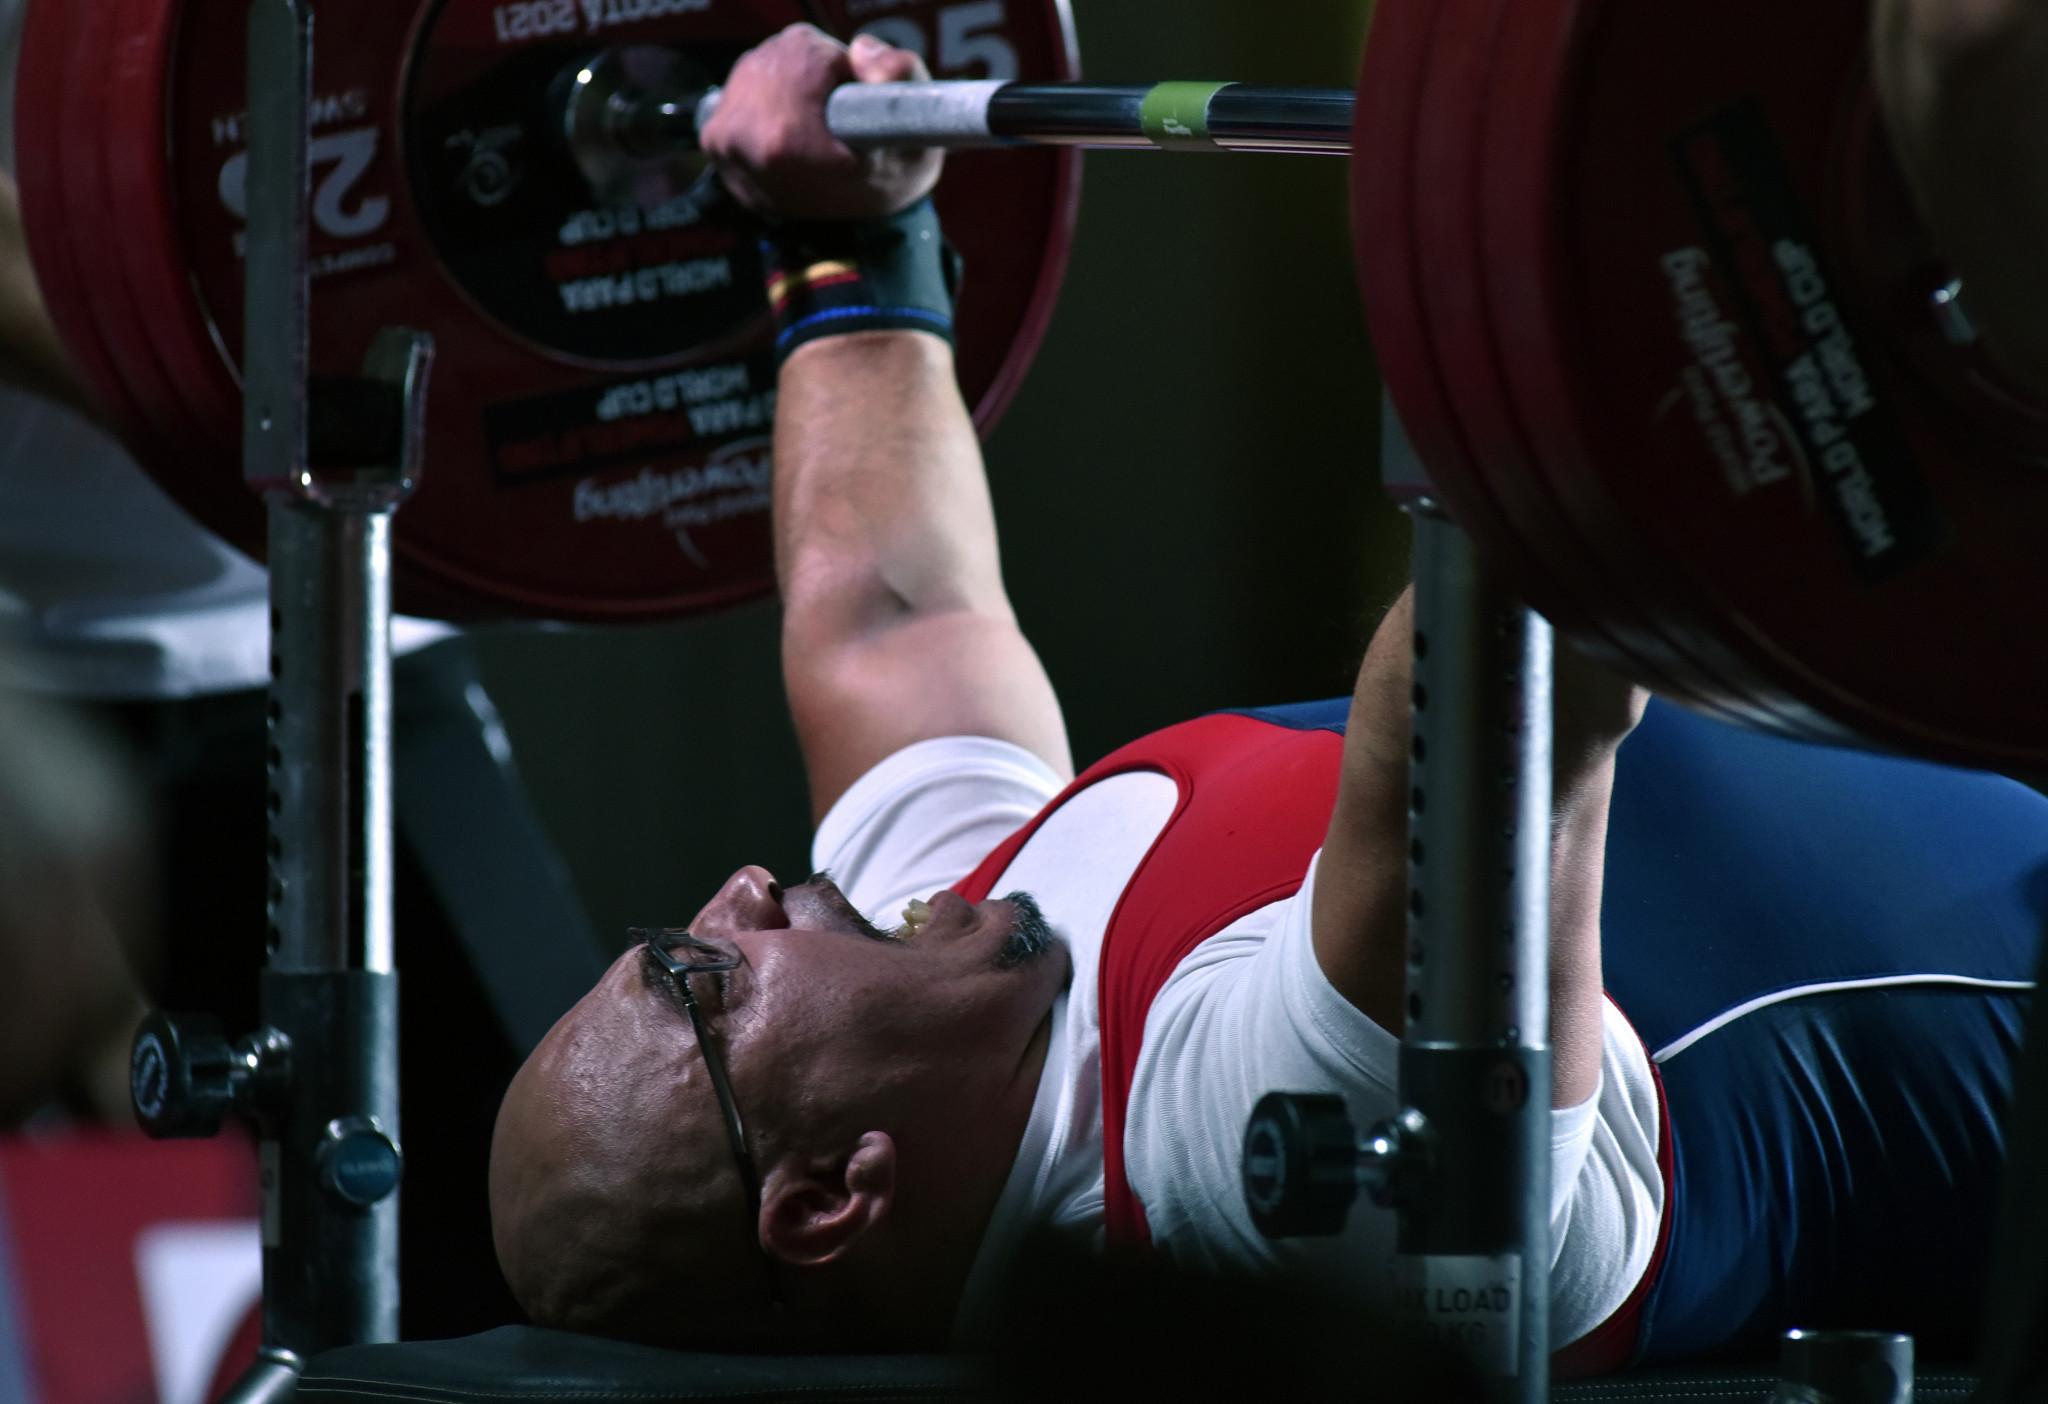 Lima 2019 champion Garrido among World Para Powerlifting World Cup winners